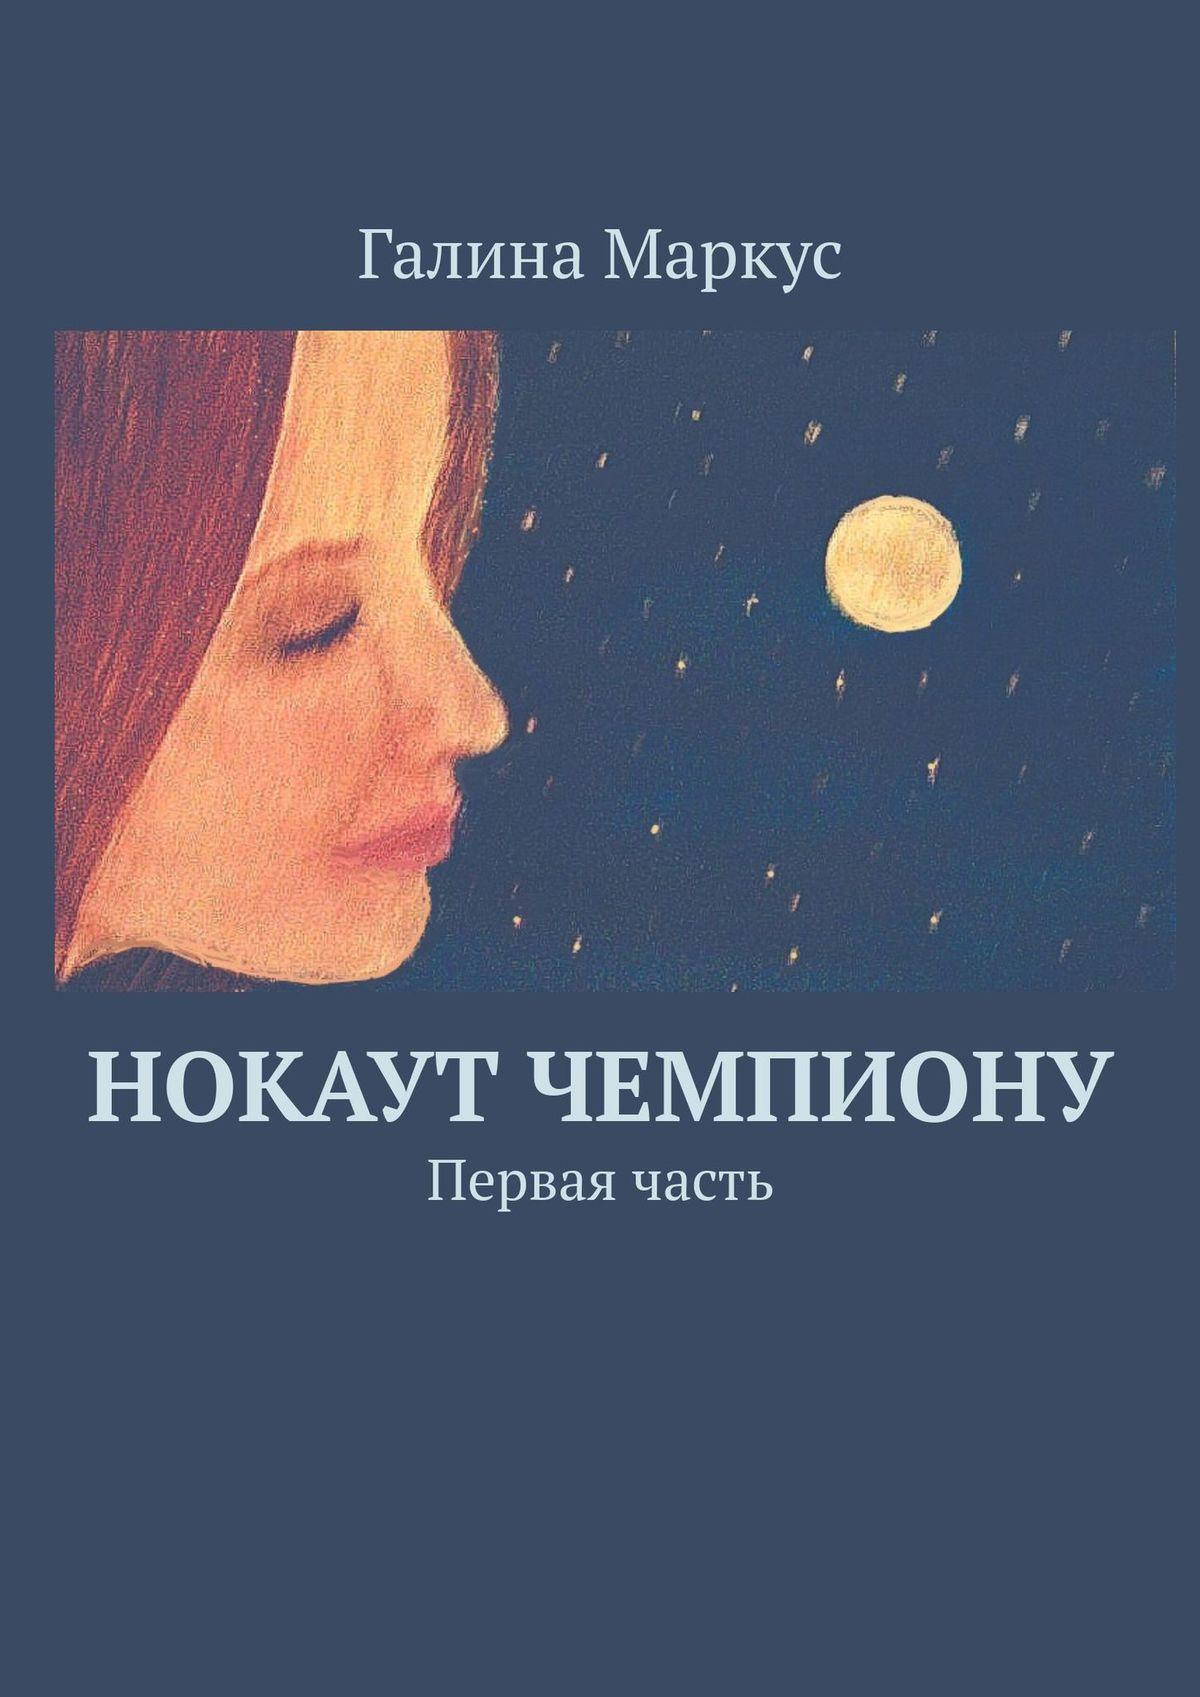 Галина Маркус Нокаут чемпиону. Часть1